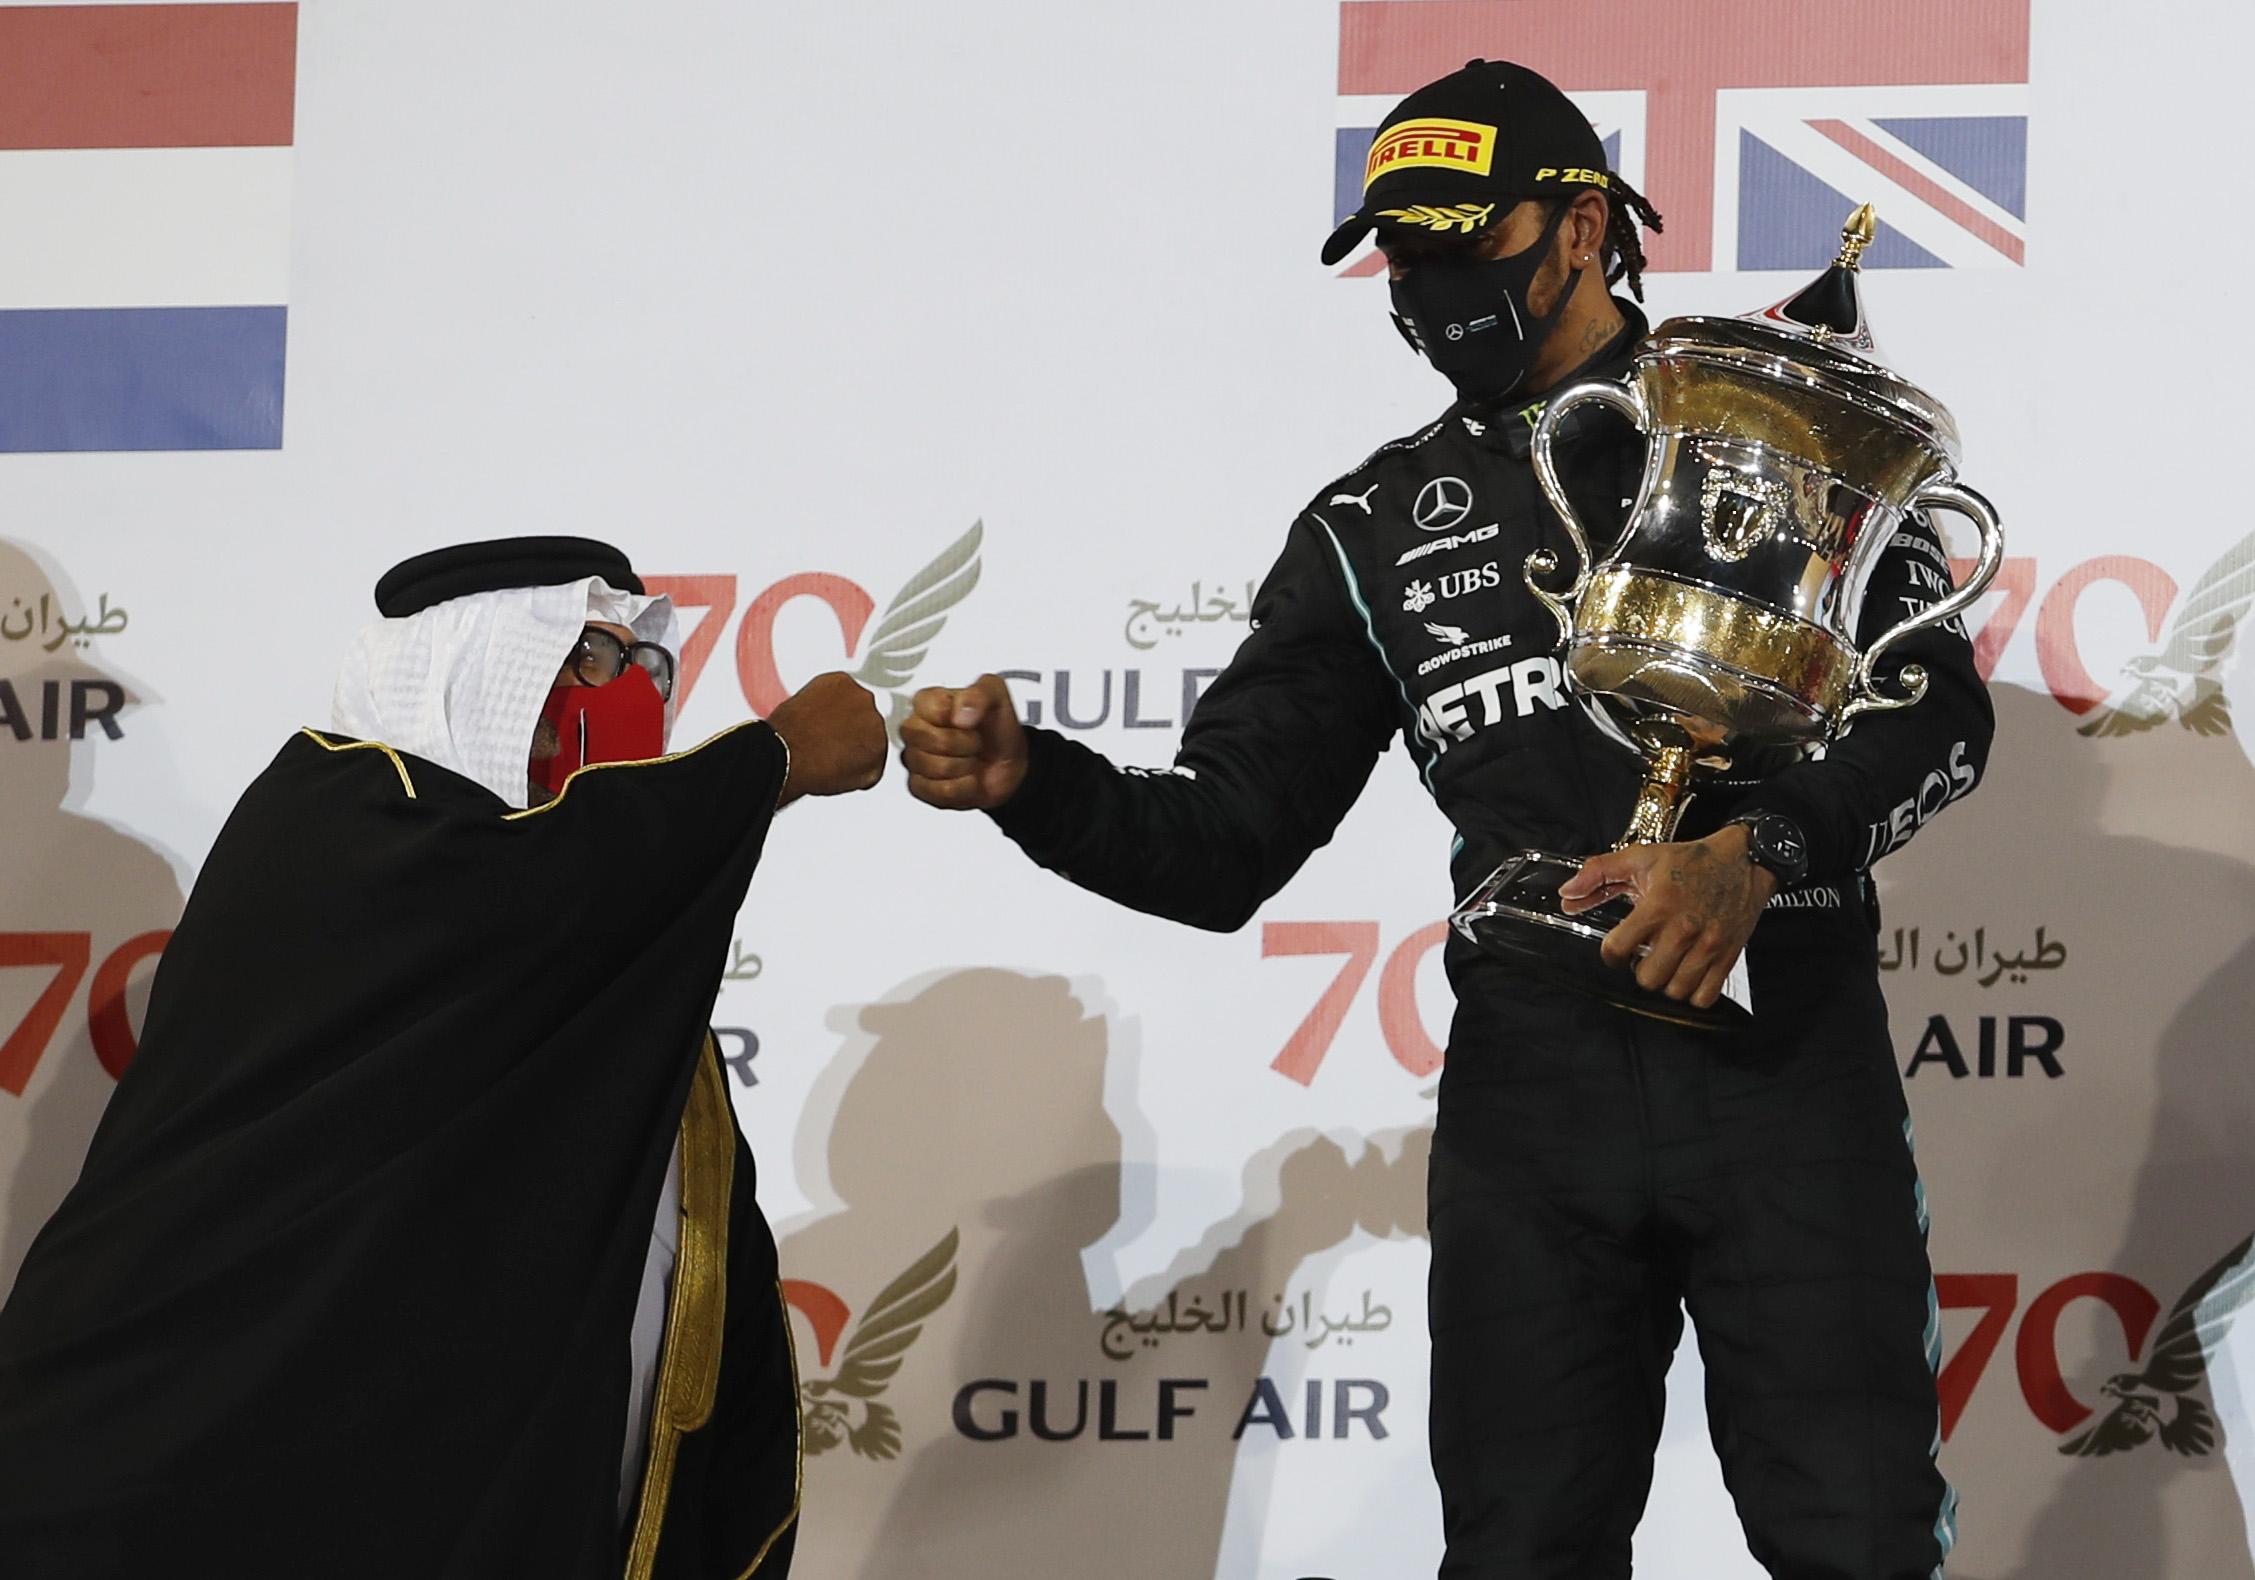 هاميلتون - جائزة البحرين الكبرى